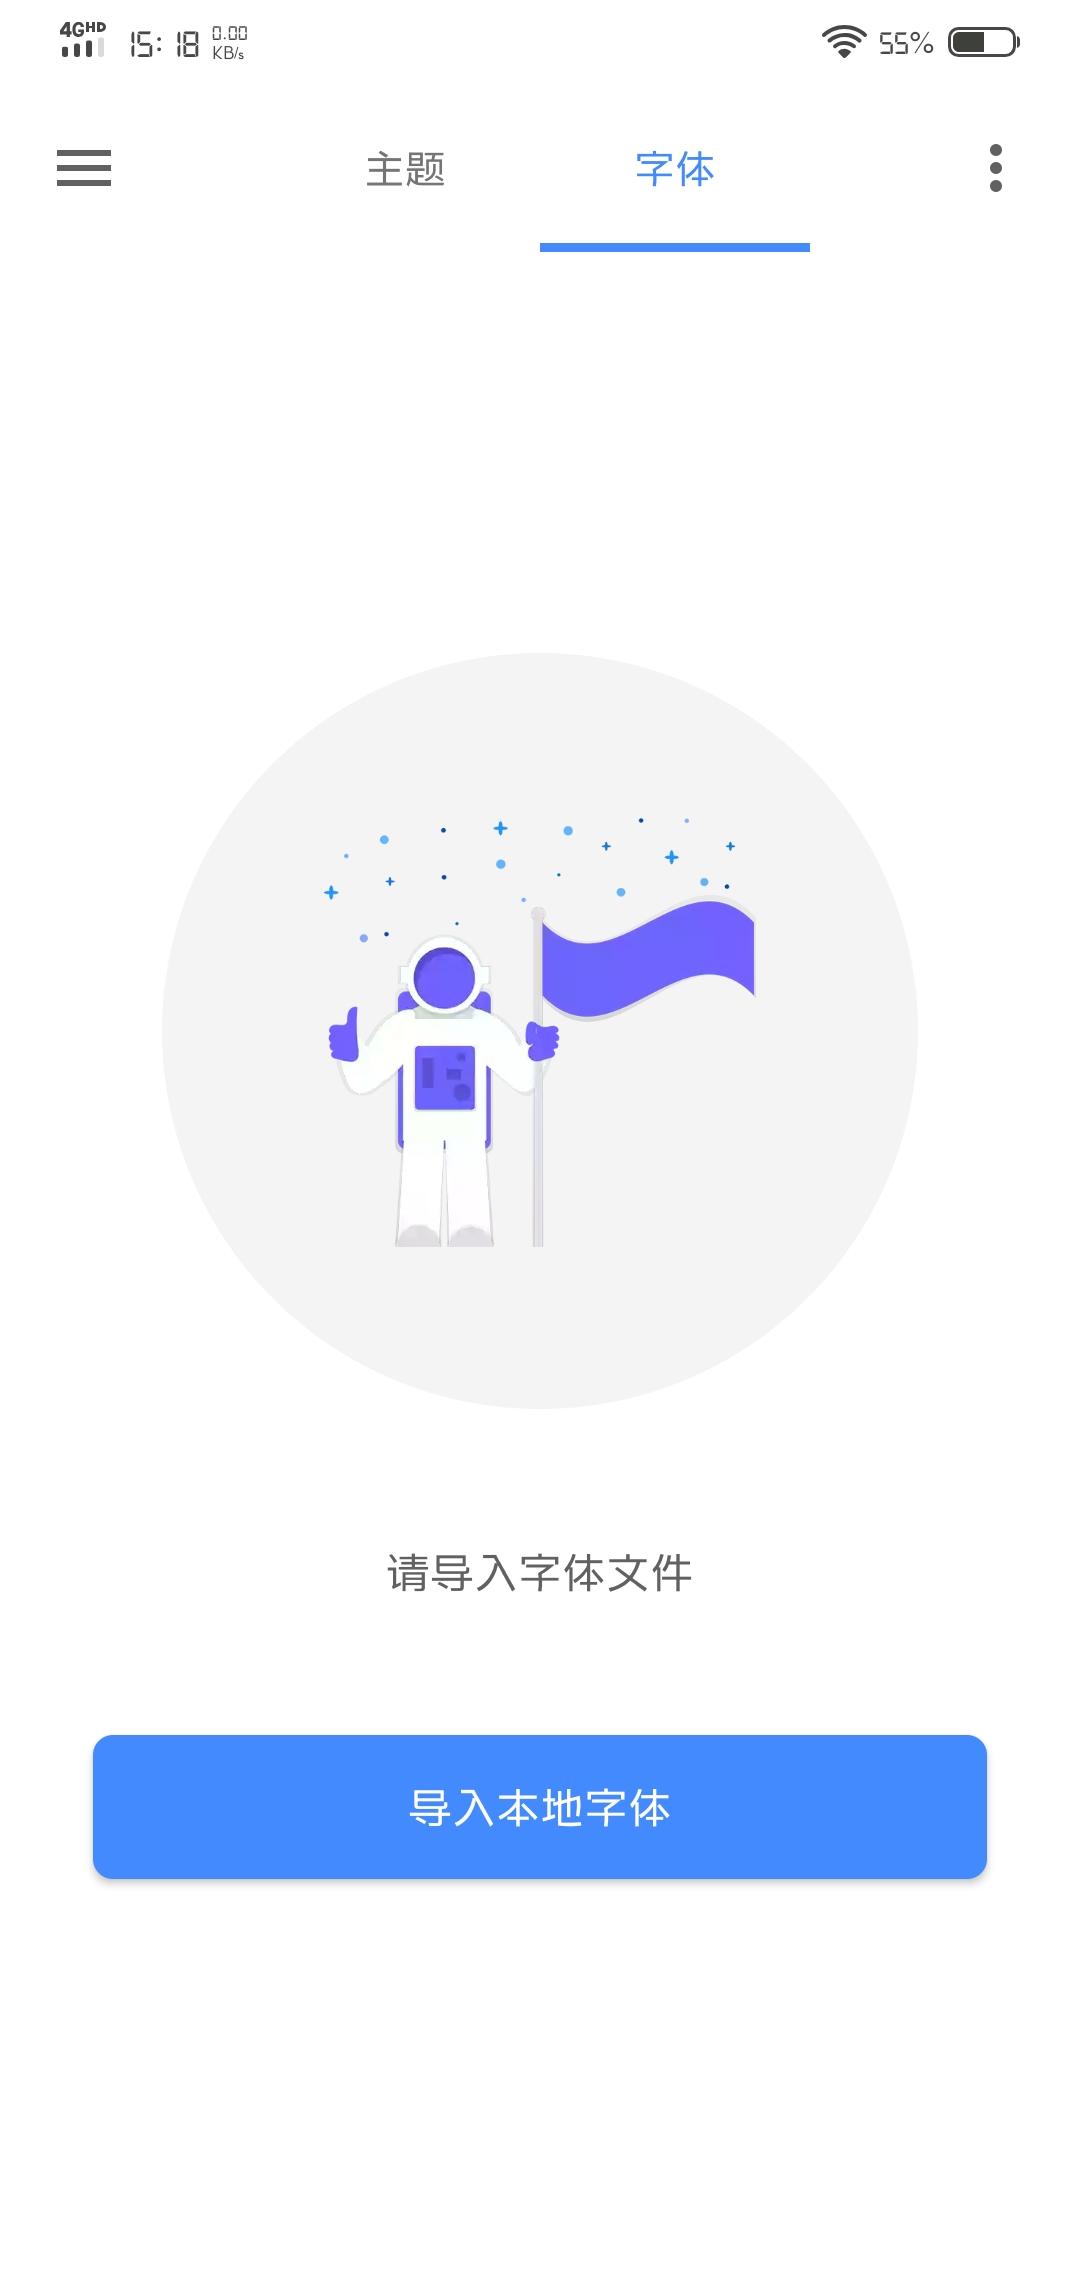 【软件分享】vivo主题修改器-爱小助